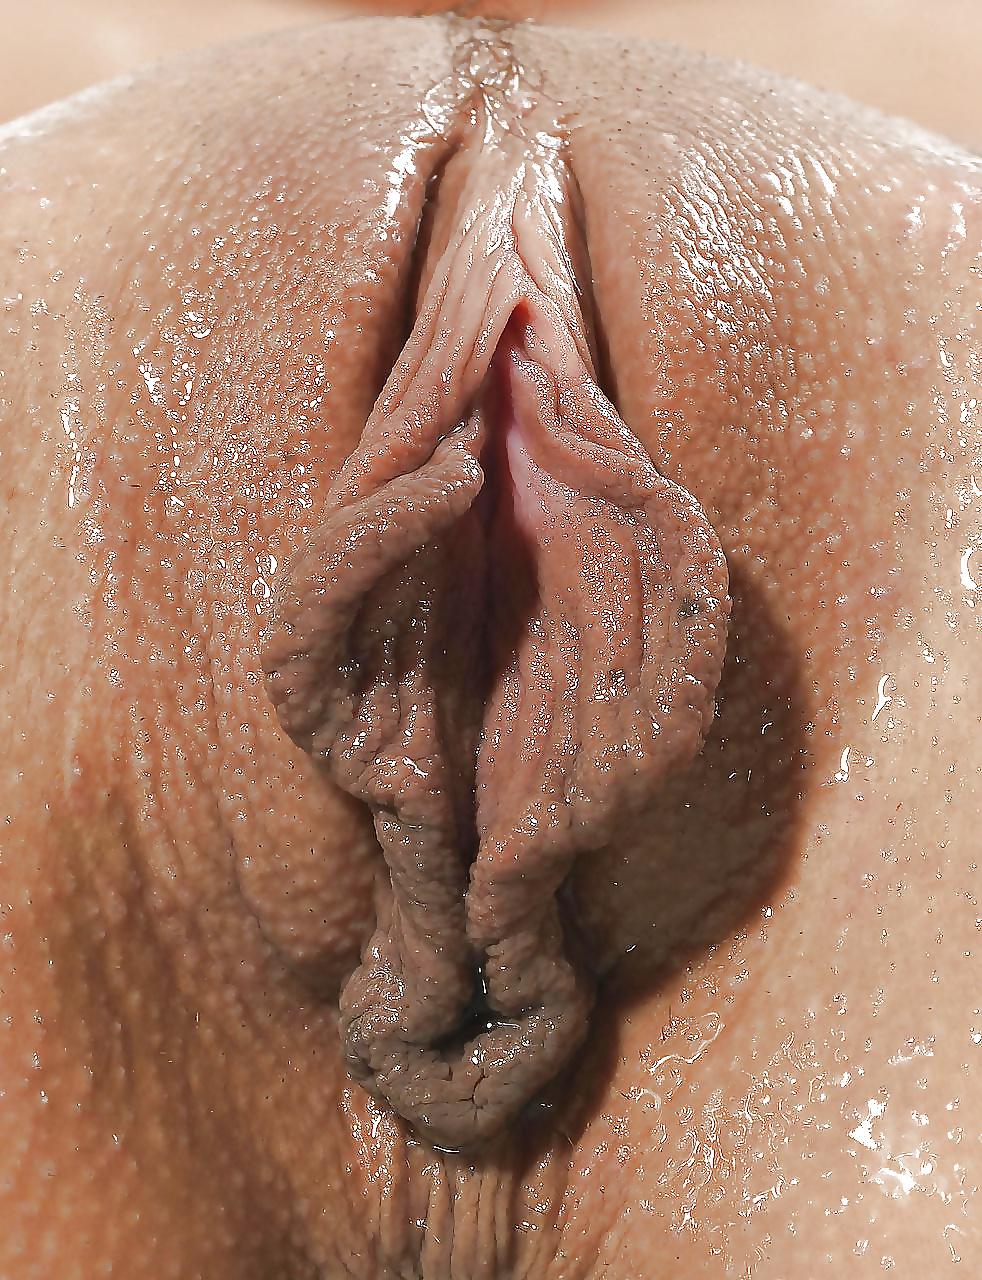 Самые красивые половые губы крупным планом, подглядывание за под столом видео